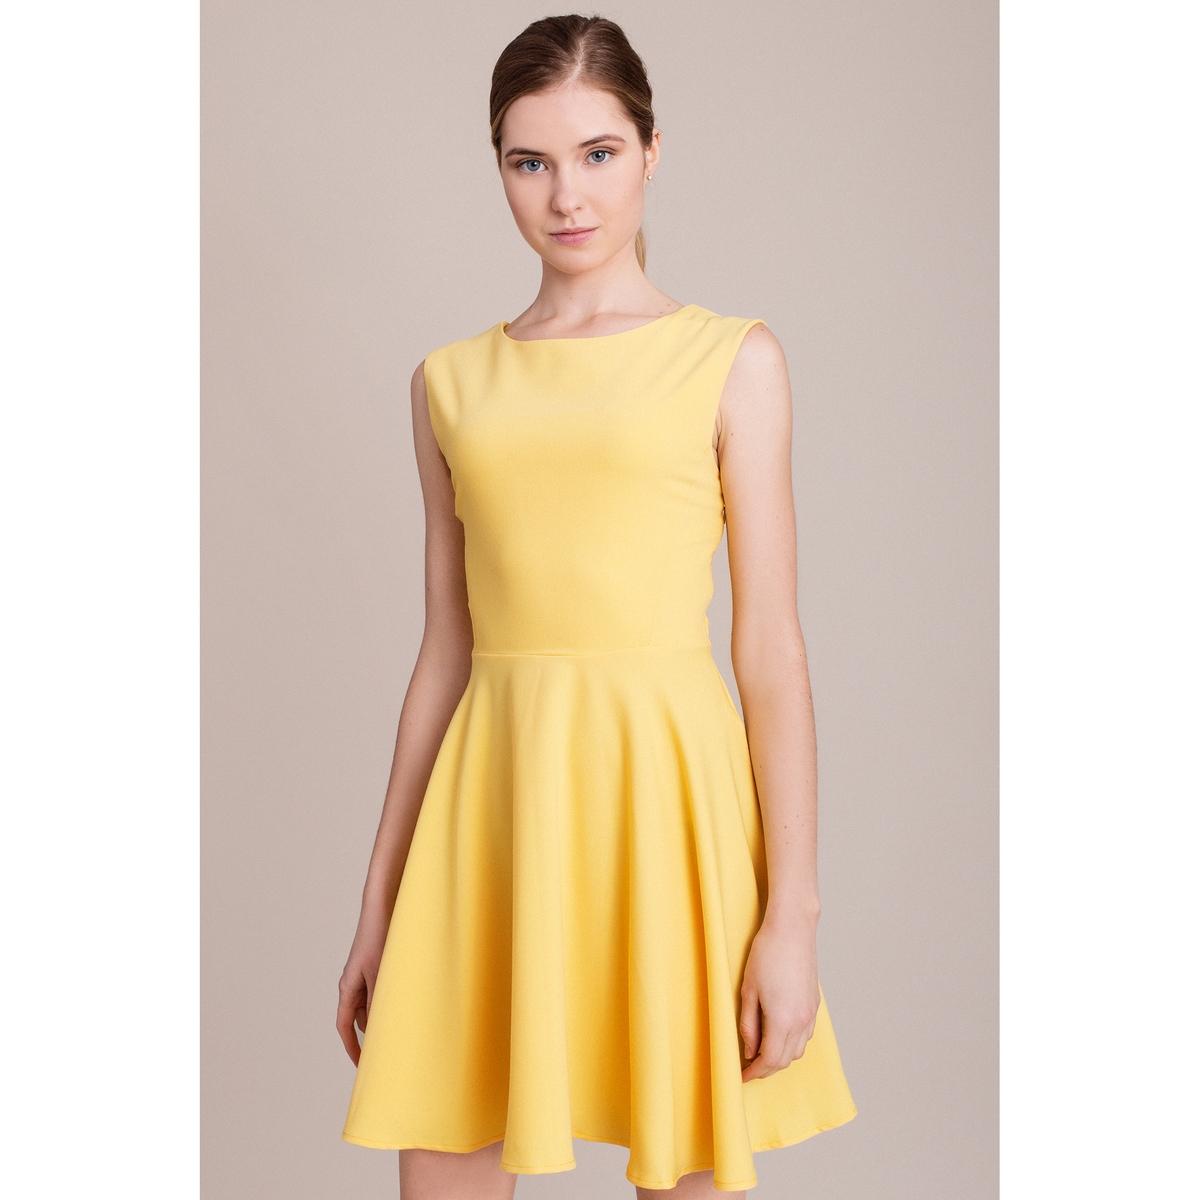 Платье без рукавовПлатье без рукавов MIGLE+ME. Глубокий V-образный вырез сзади. Характеристики и описание    Материал         100% полиэстера    Марка    MIGLE+ME<br><br>Цвет: желтый